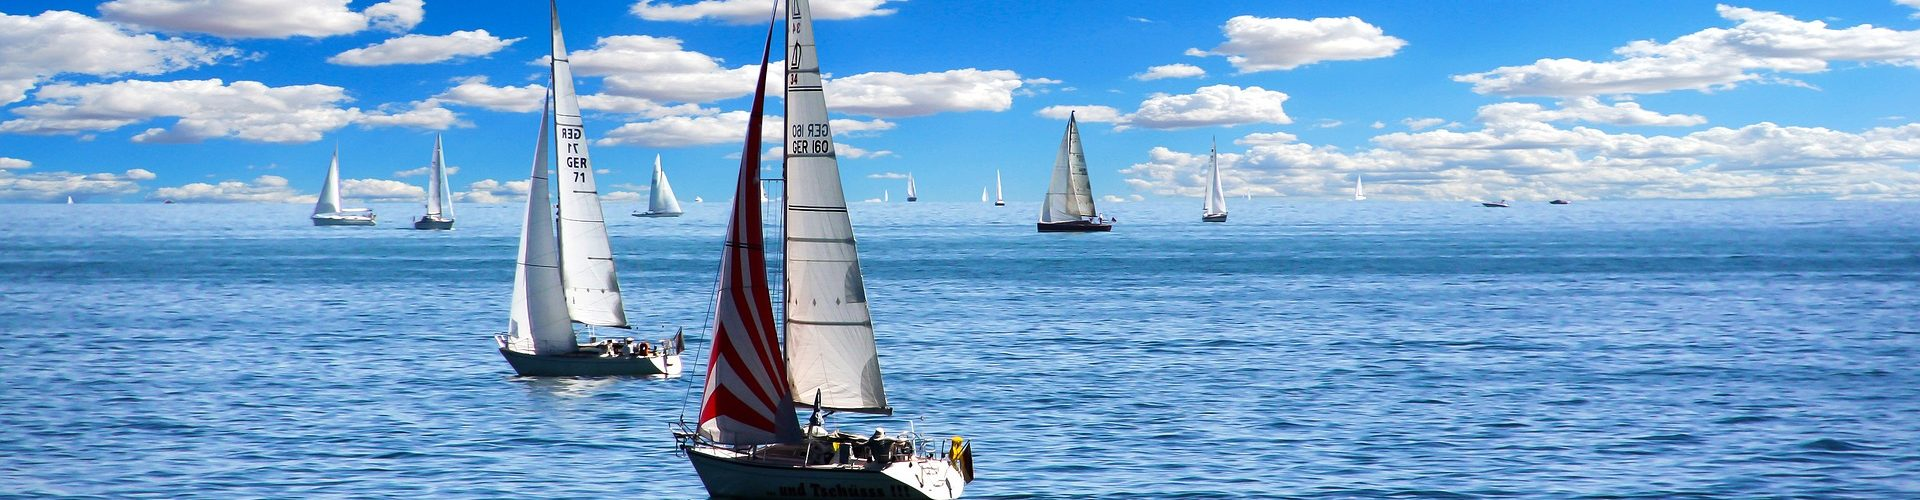 segeln lernen in Weil am Rhein segelschein machen in Weil am Rhein 1920x500 - Segeln lernen in Weil am Rhein